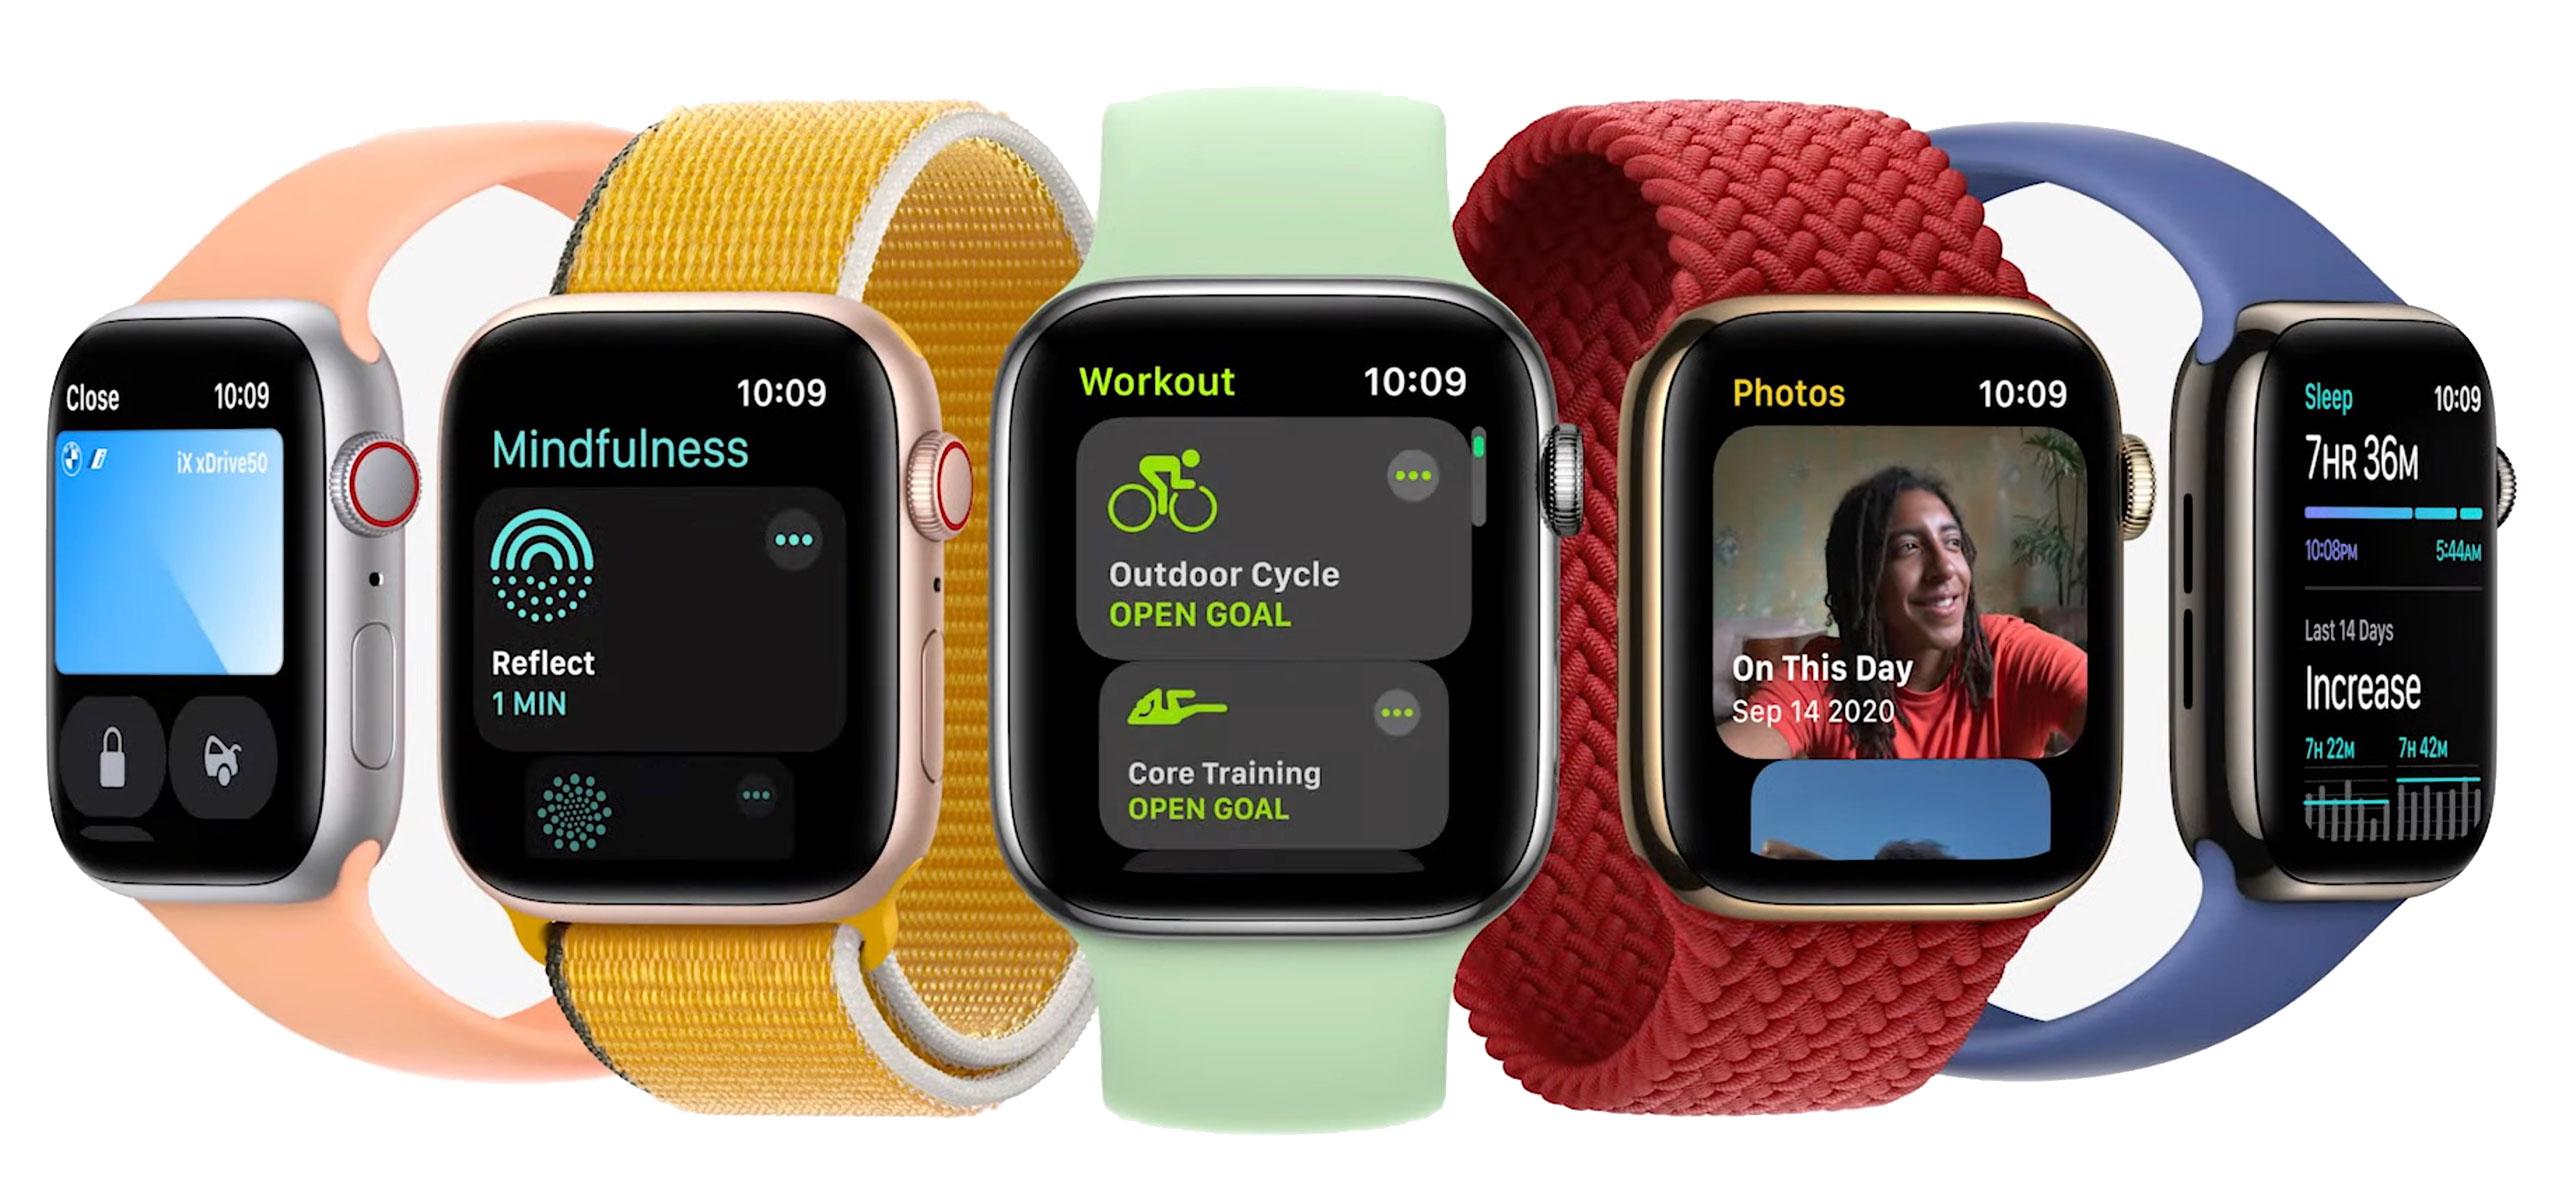 https://www.macfreak.nl/modules/news/images/zArt.AppleWatchSeries7Lineup.jpg